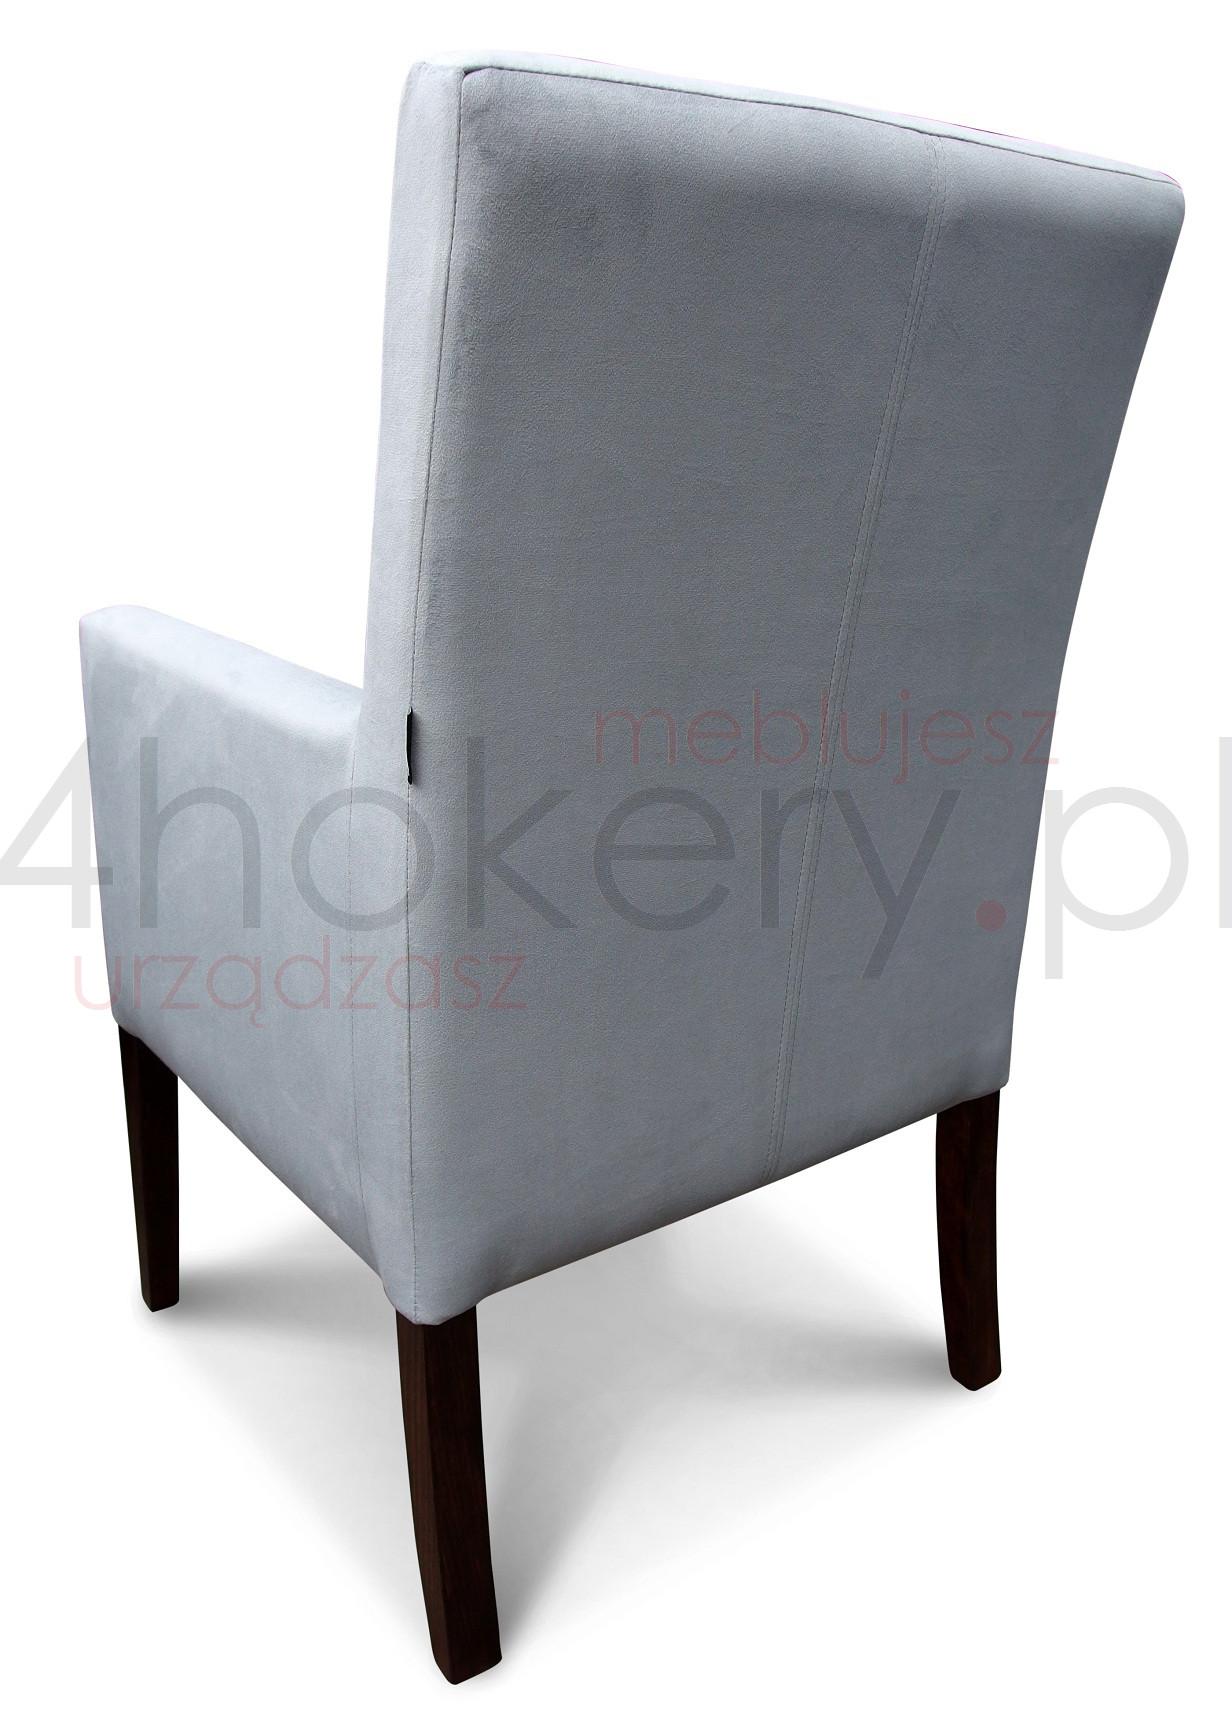 gruby-fotel-konferencyjny-pikowny-guzikami